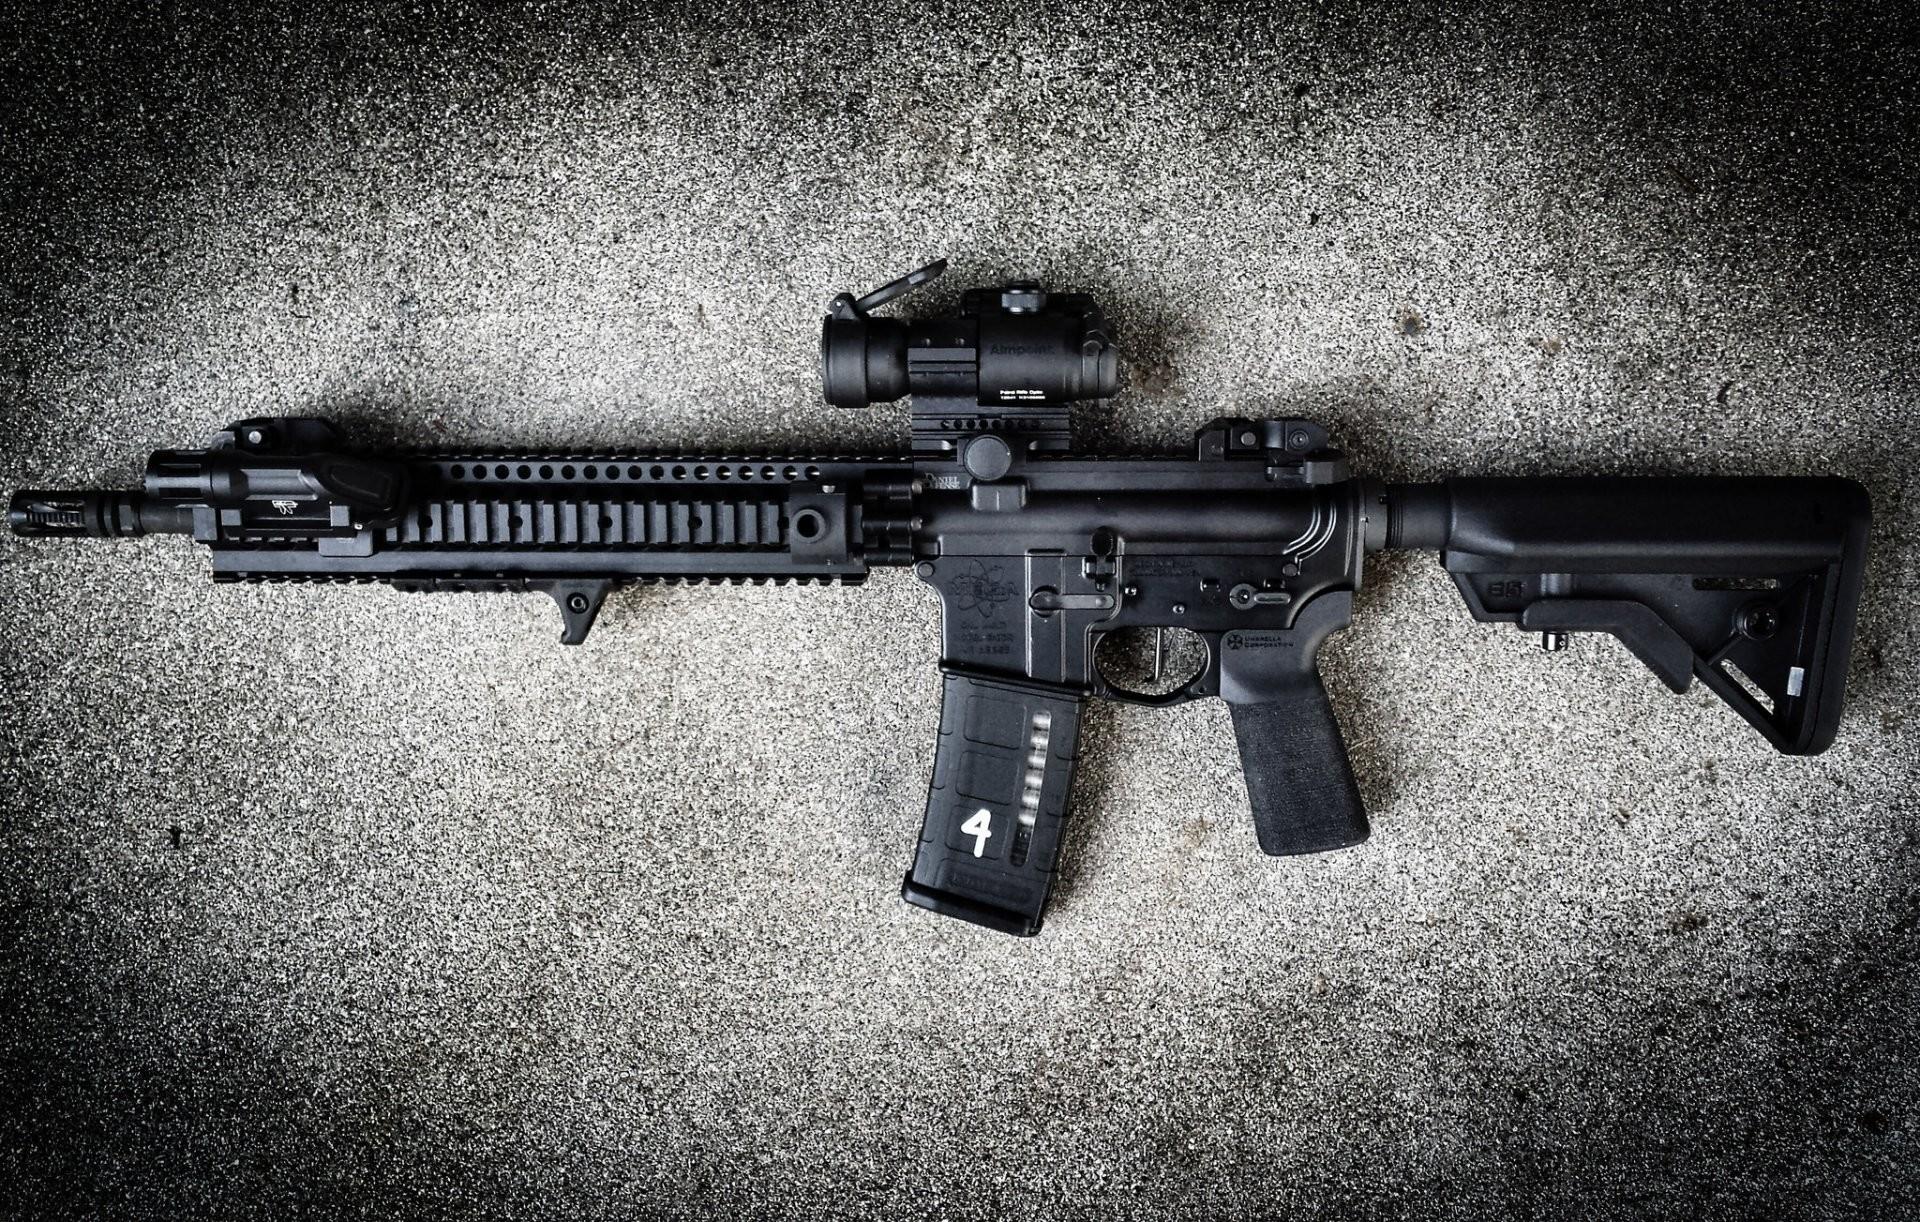 ar-15 assault rifle assault rifle weapon background